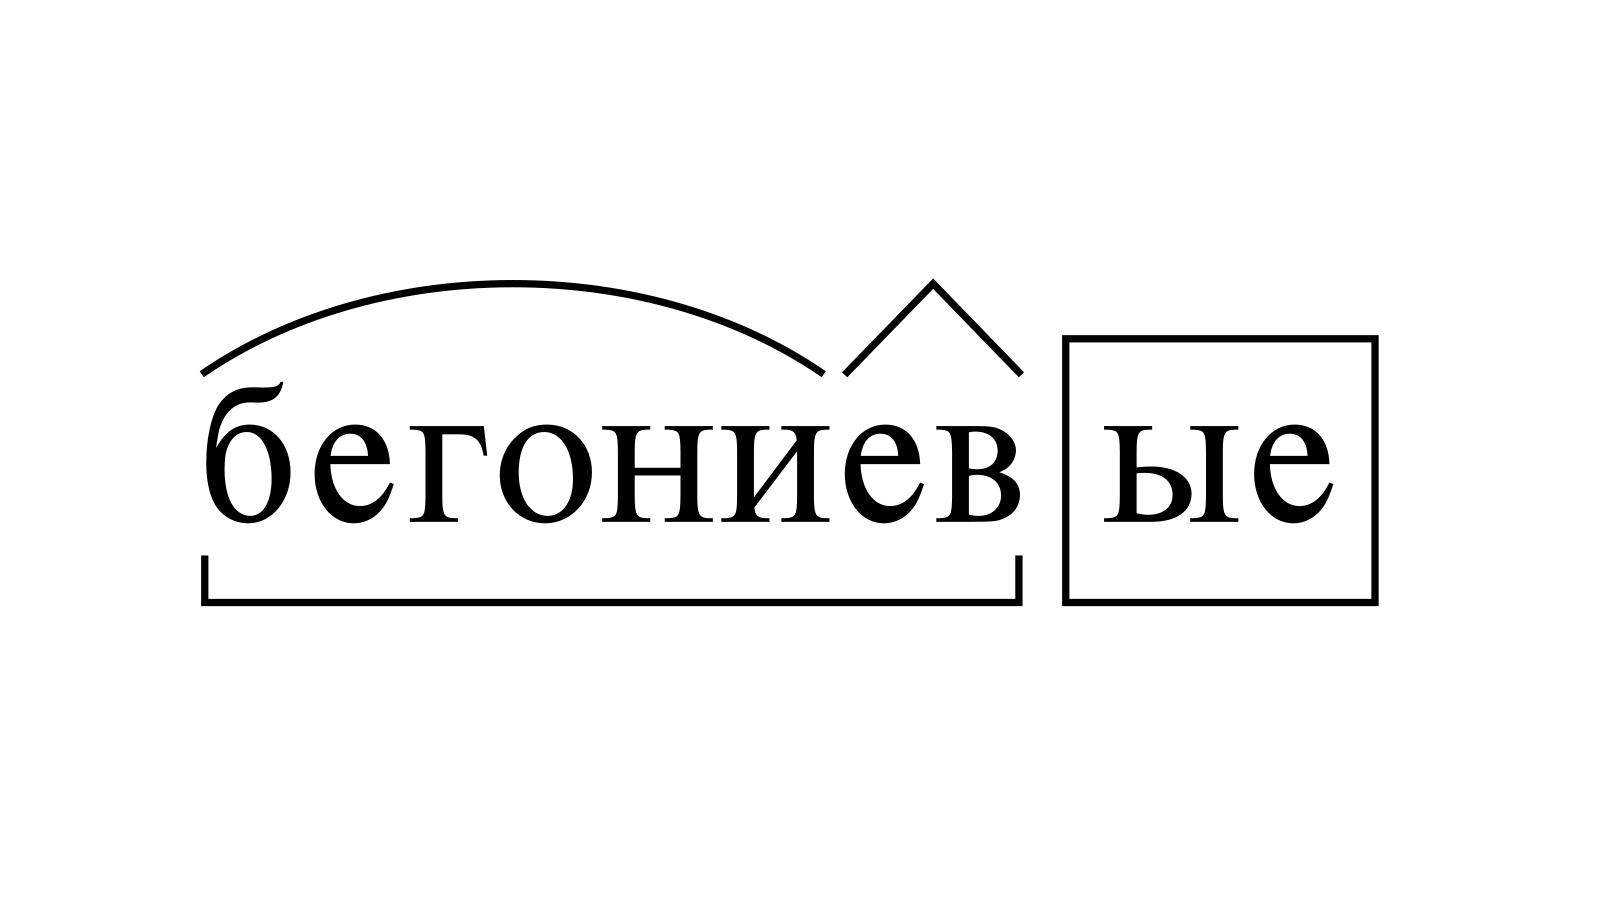 Разбор слова «бегониевые» по составу